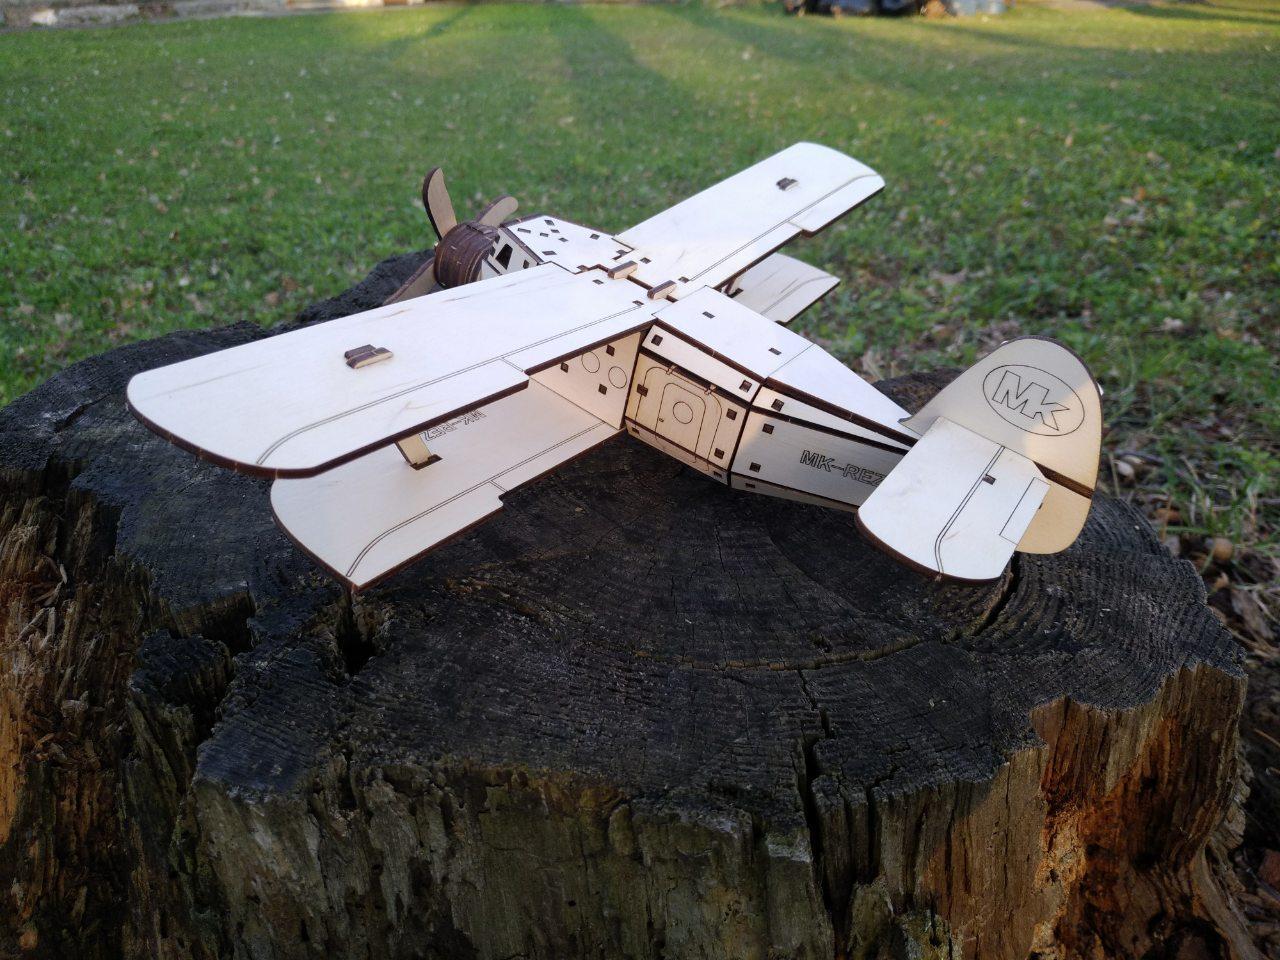 Конструктор самолет из фанеры можно заказать у нас